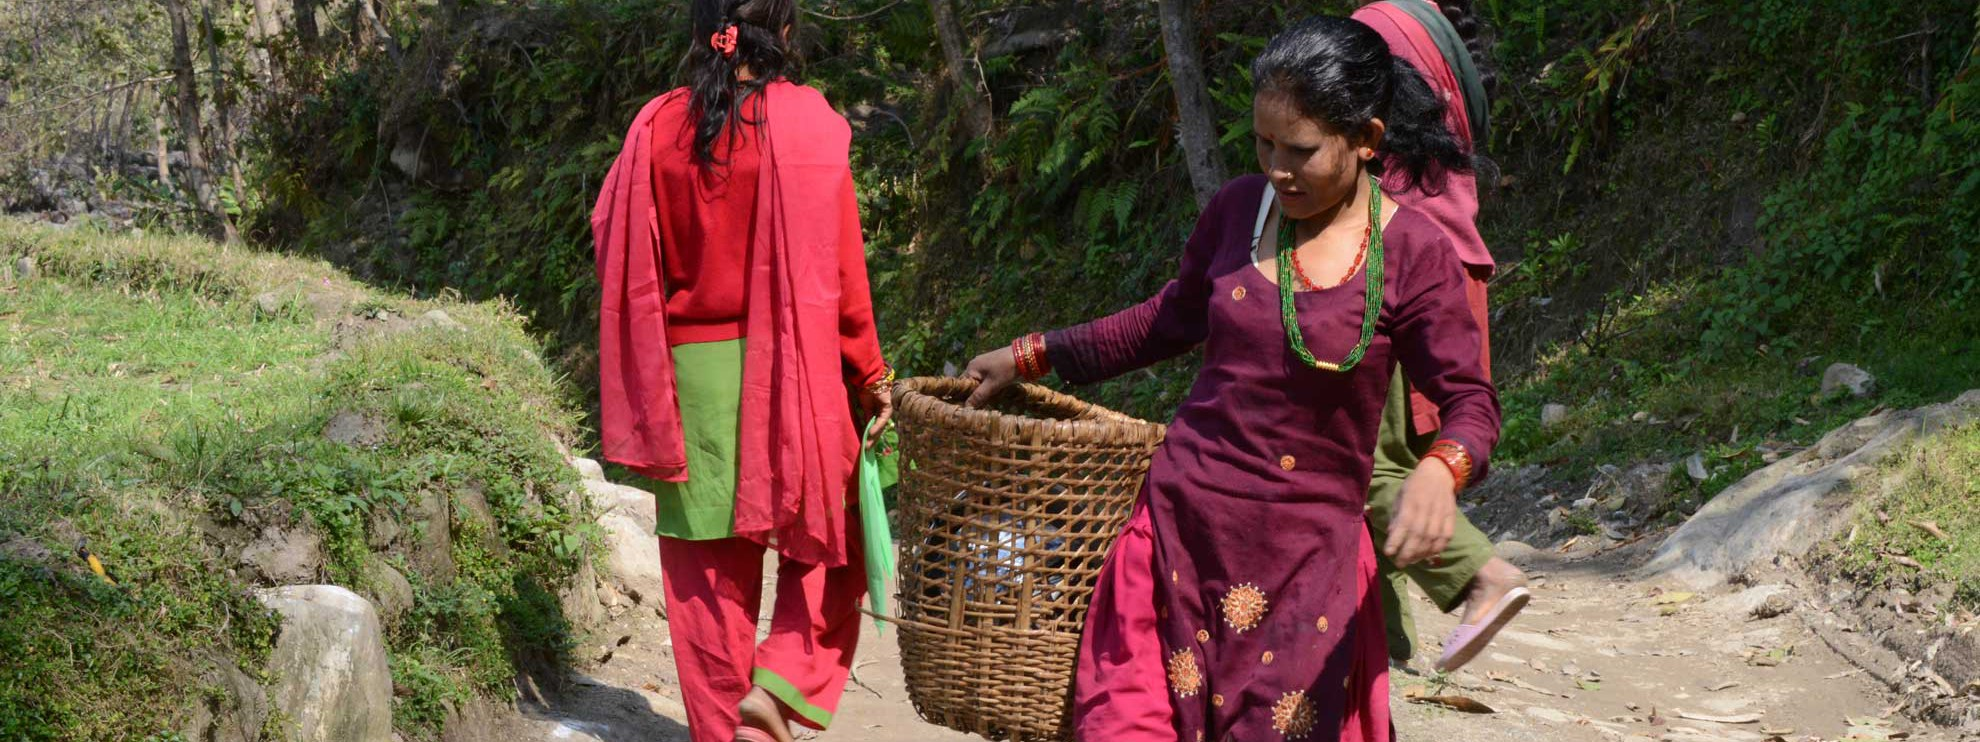 Nepalesische Bäuerinnen © Amnesty International (Photo: Prakash Mathema)